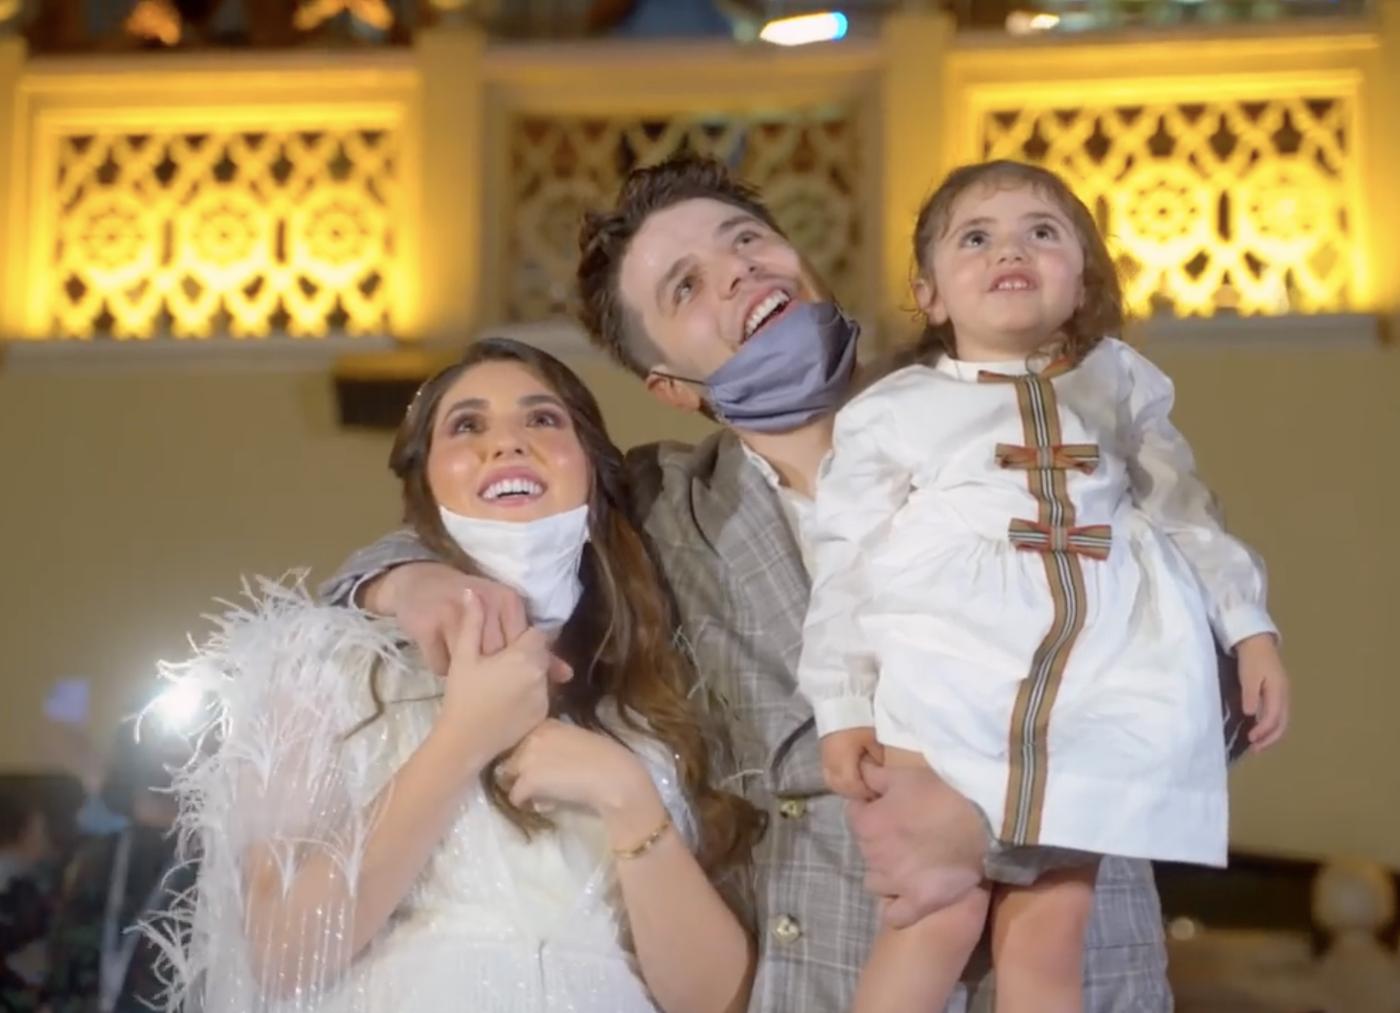 À Dubaï, un couple révèle le sexe de son futur enfant sur la plus grande tour du monde